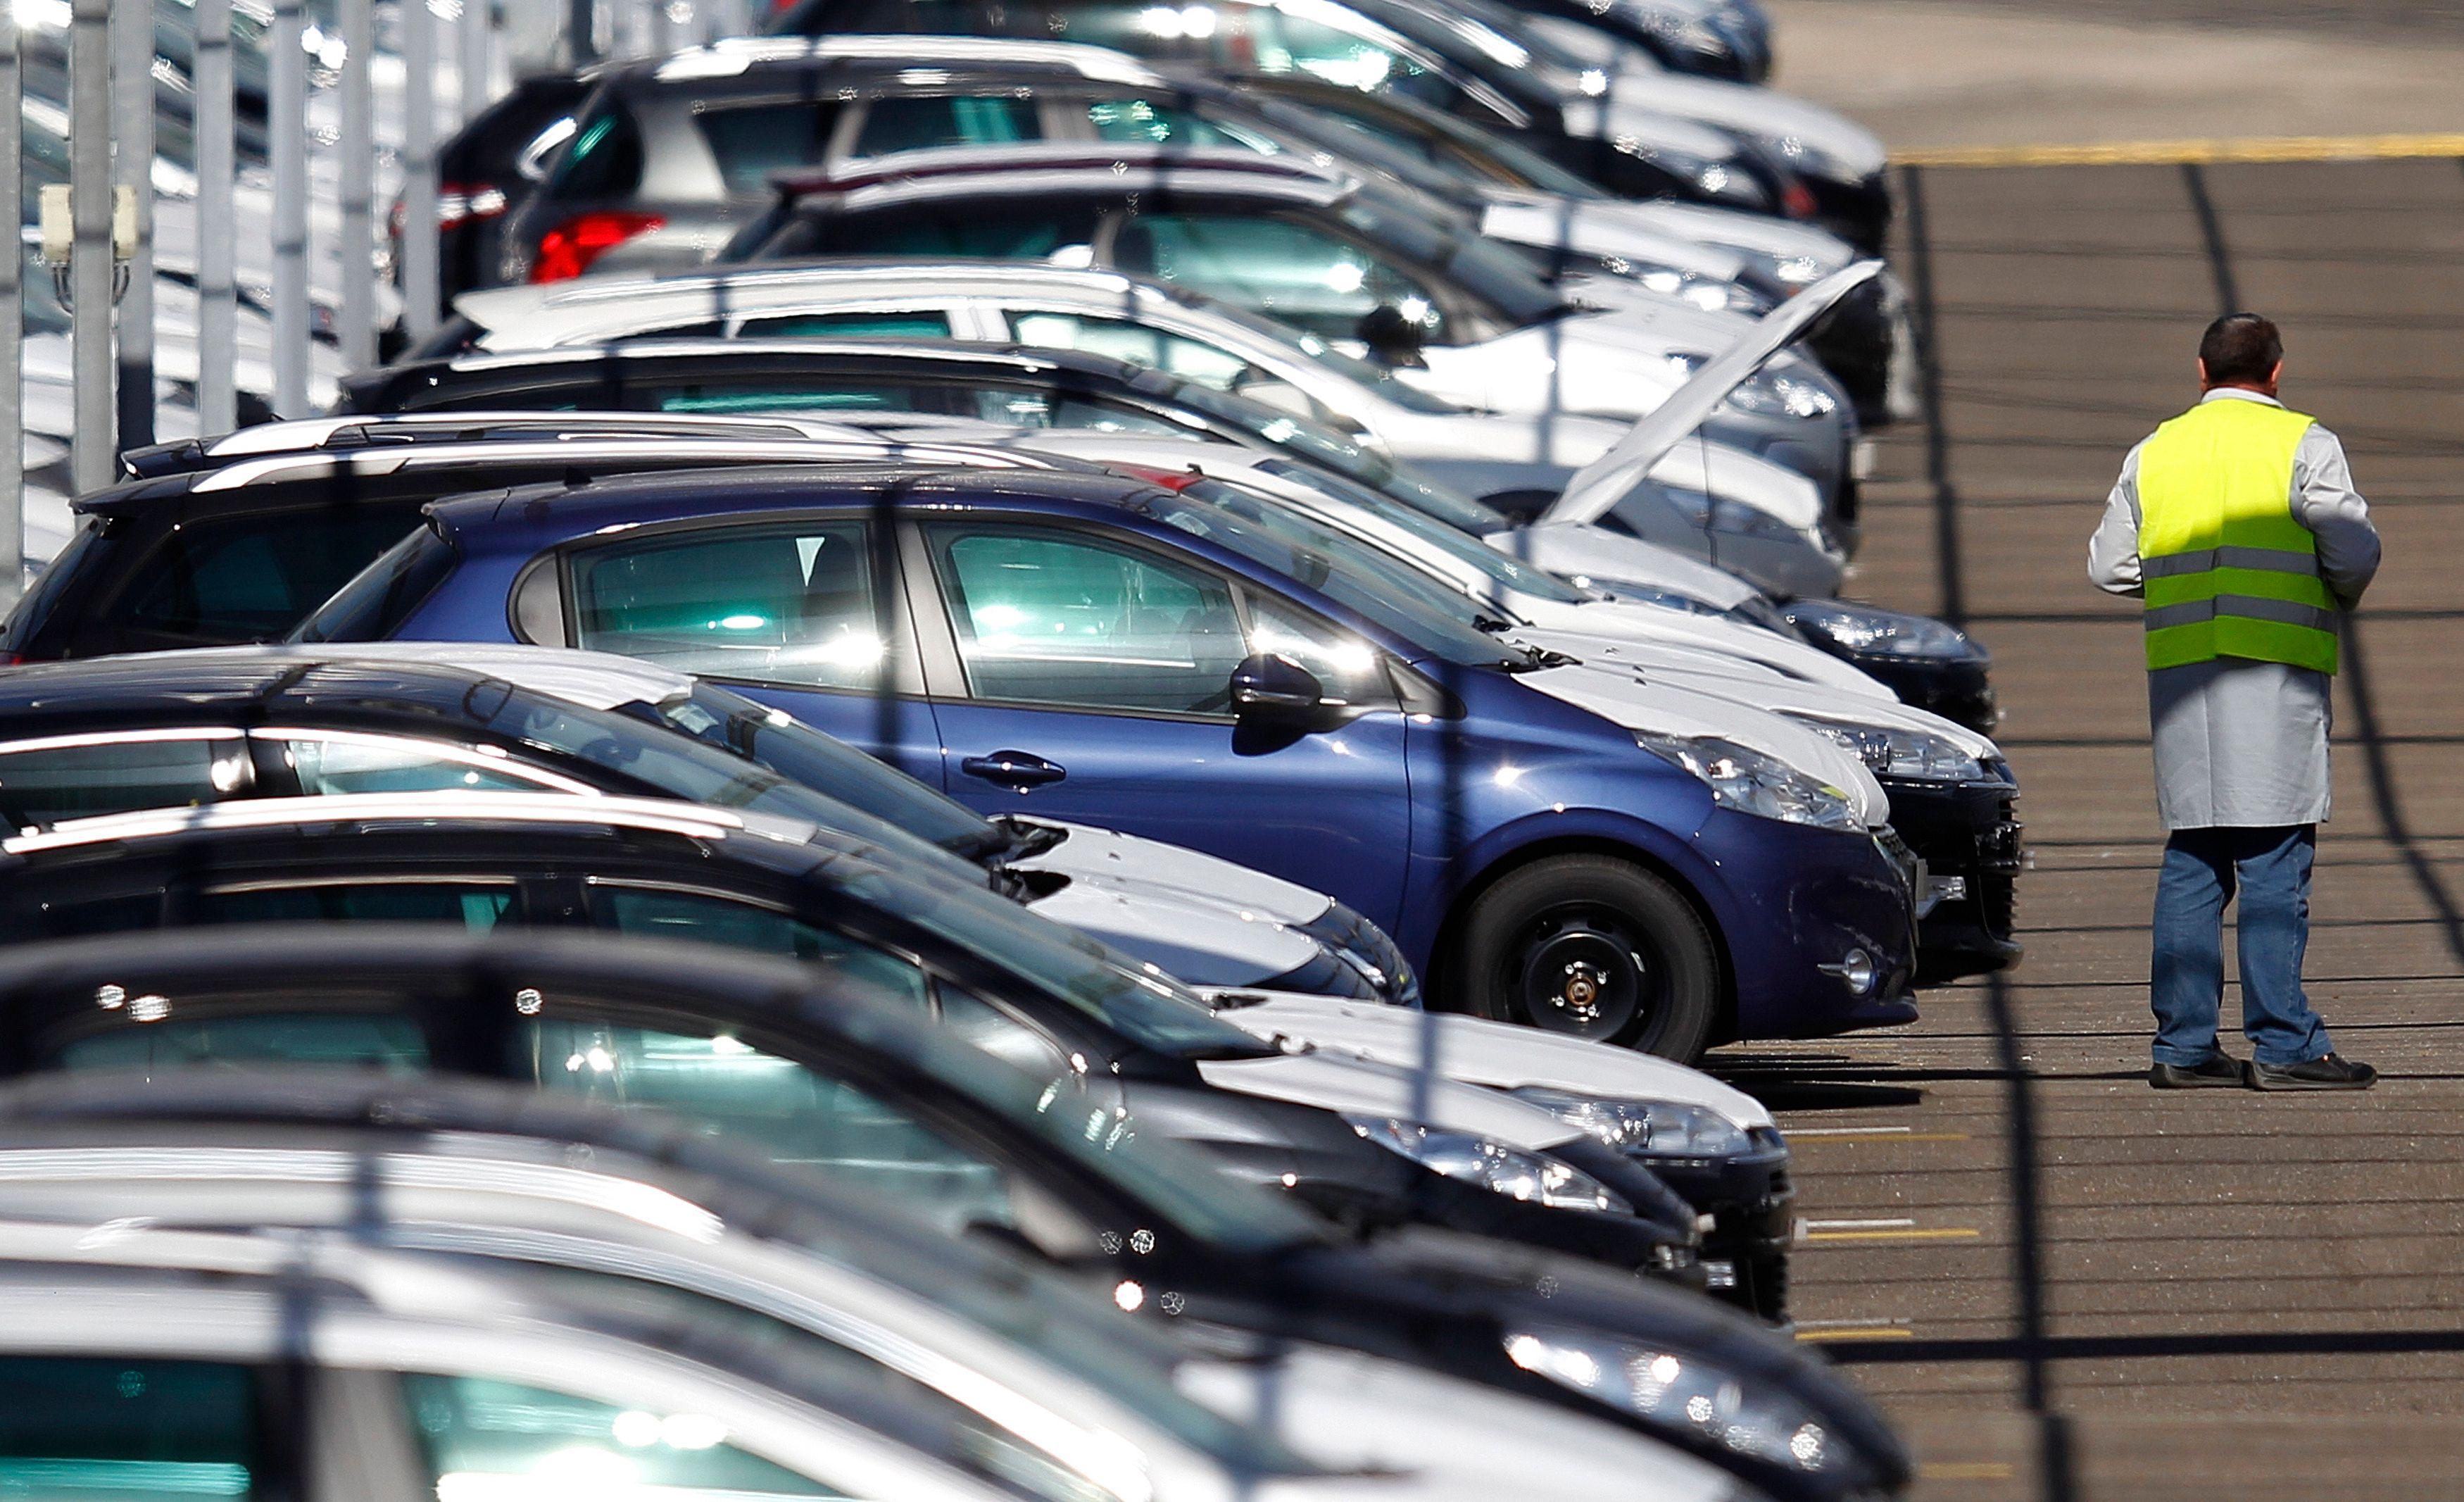 Les Européens ne financent plus l'achat de leurs voitures comme avant. Et ça ne présage rien de bon pour l'industrie automobile